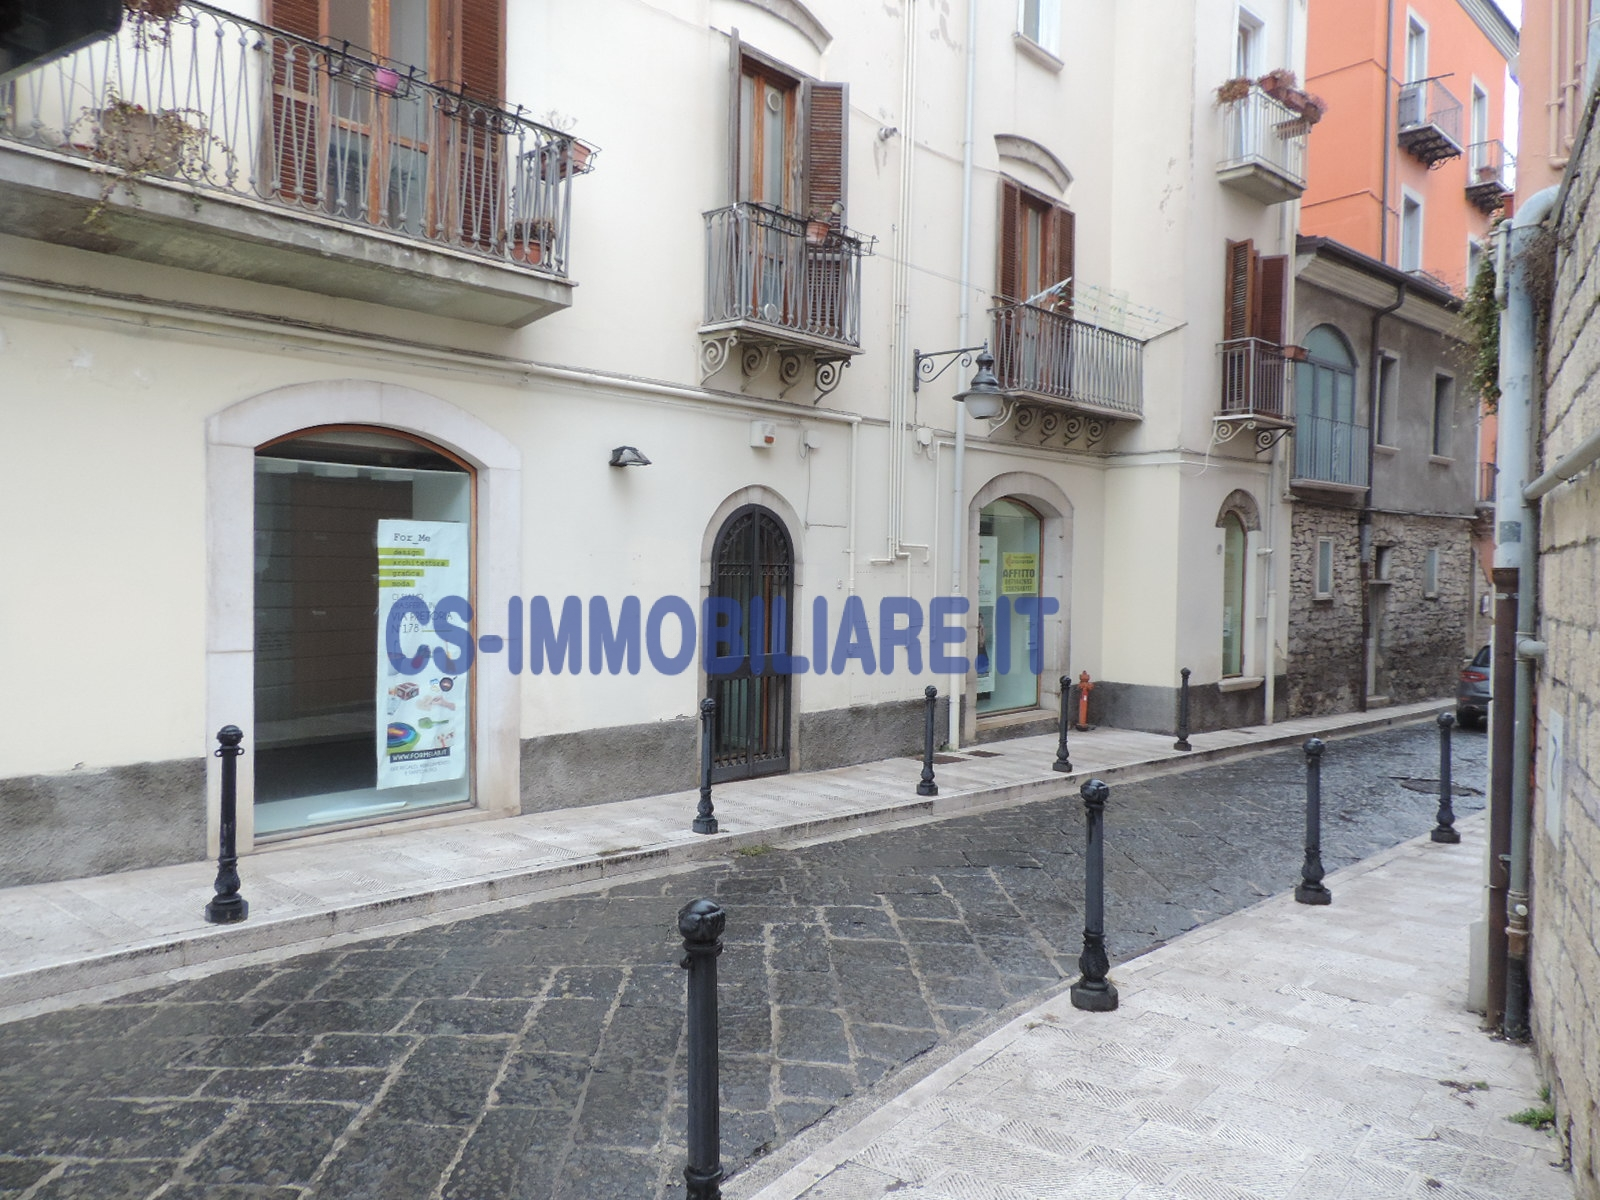 Negozio / Locale in affitto a Potenza, 9999 locali, zona Località: Centro, prezzo € 600 | Cambio Casa.it